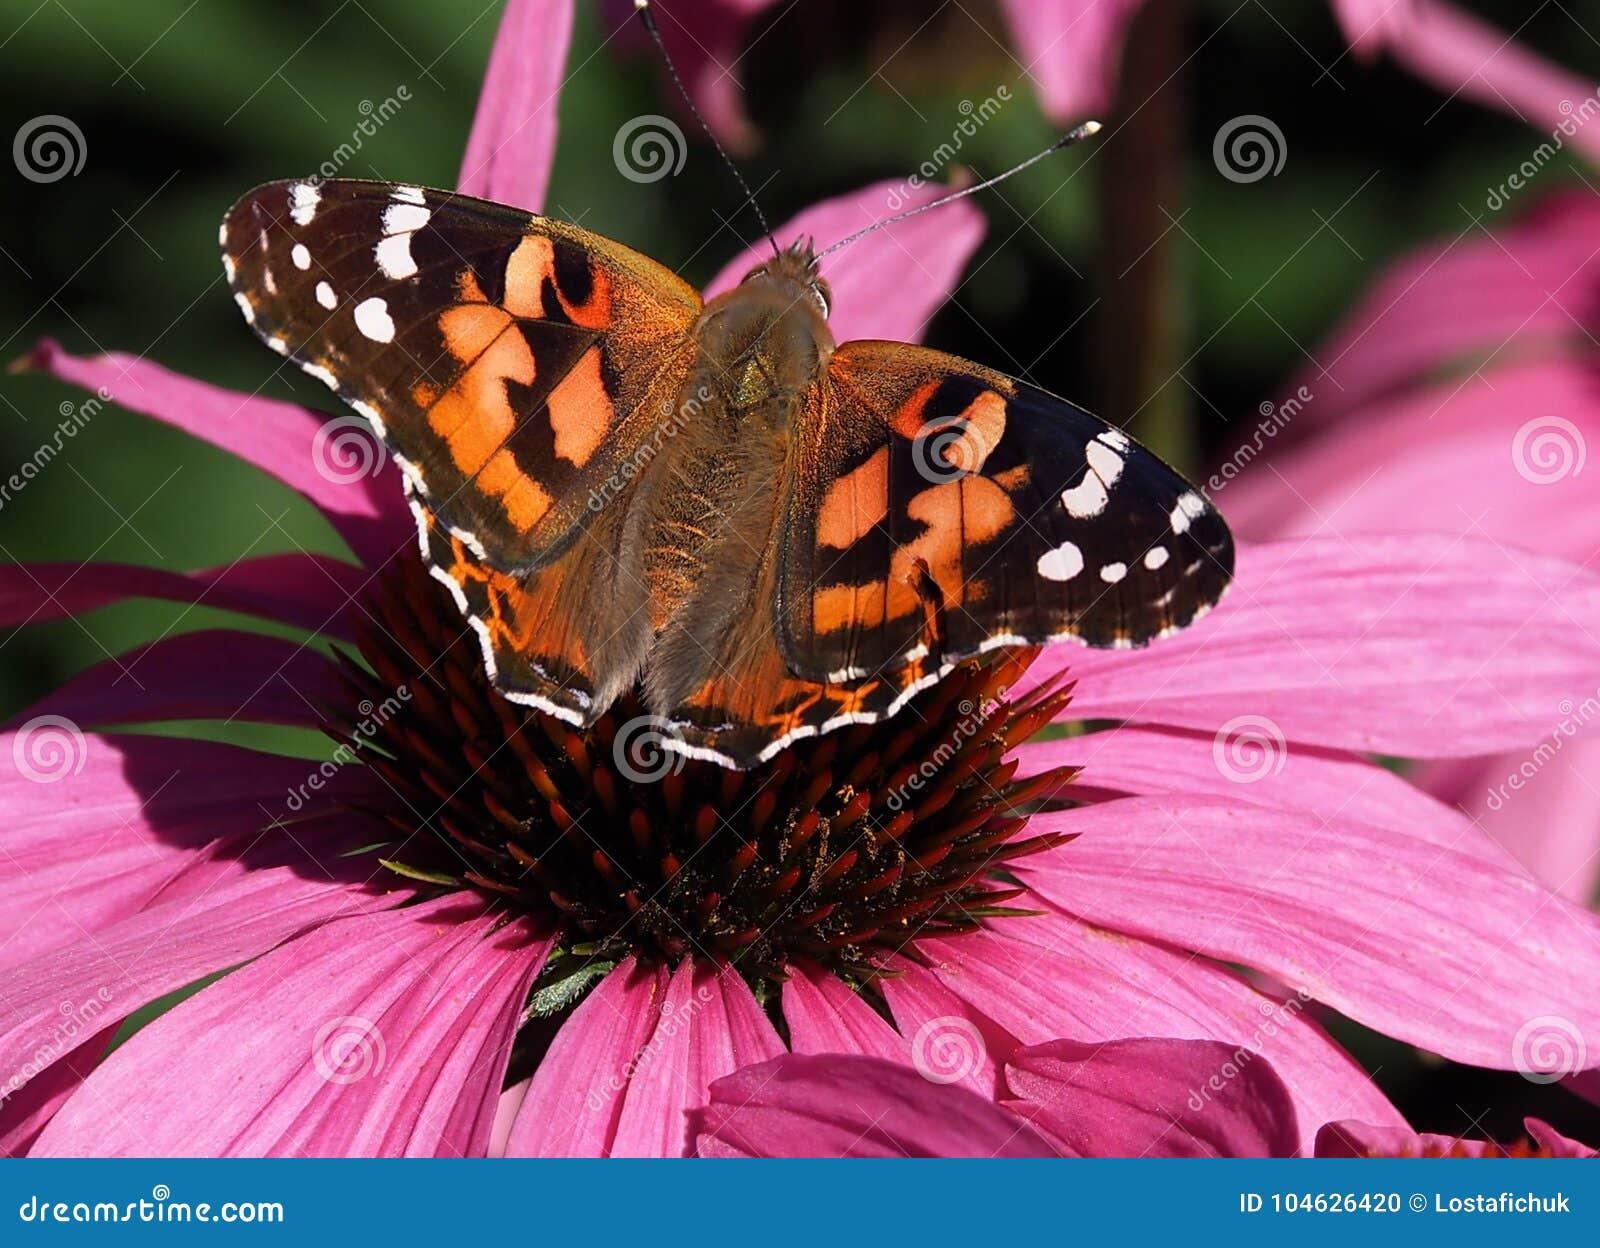 Download Geschilderde Damebutterfly Or Vanessa Cardui On Purple Cone Bloem Stock Foto - Afbeelding bestaande uit bloem, vanessa: 104626420